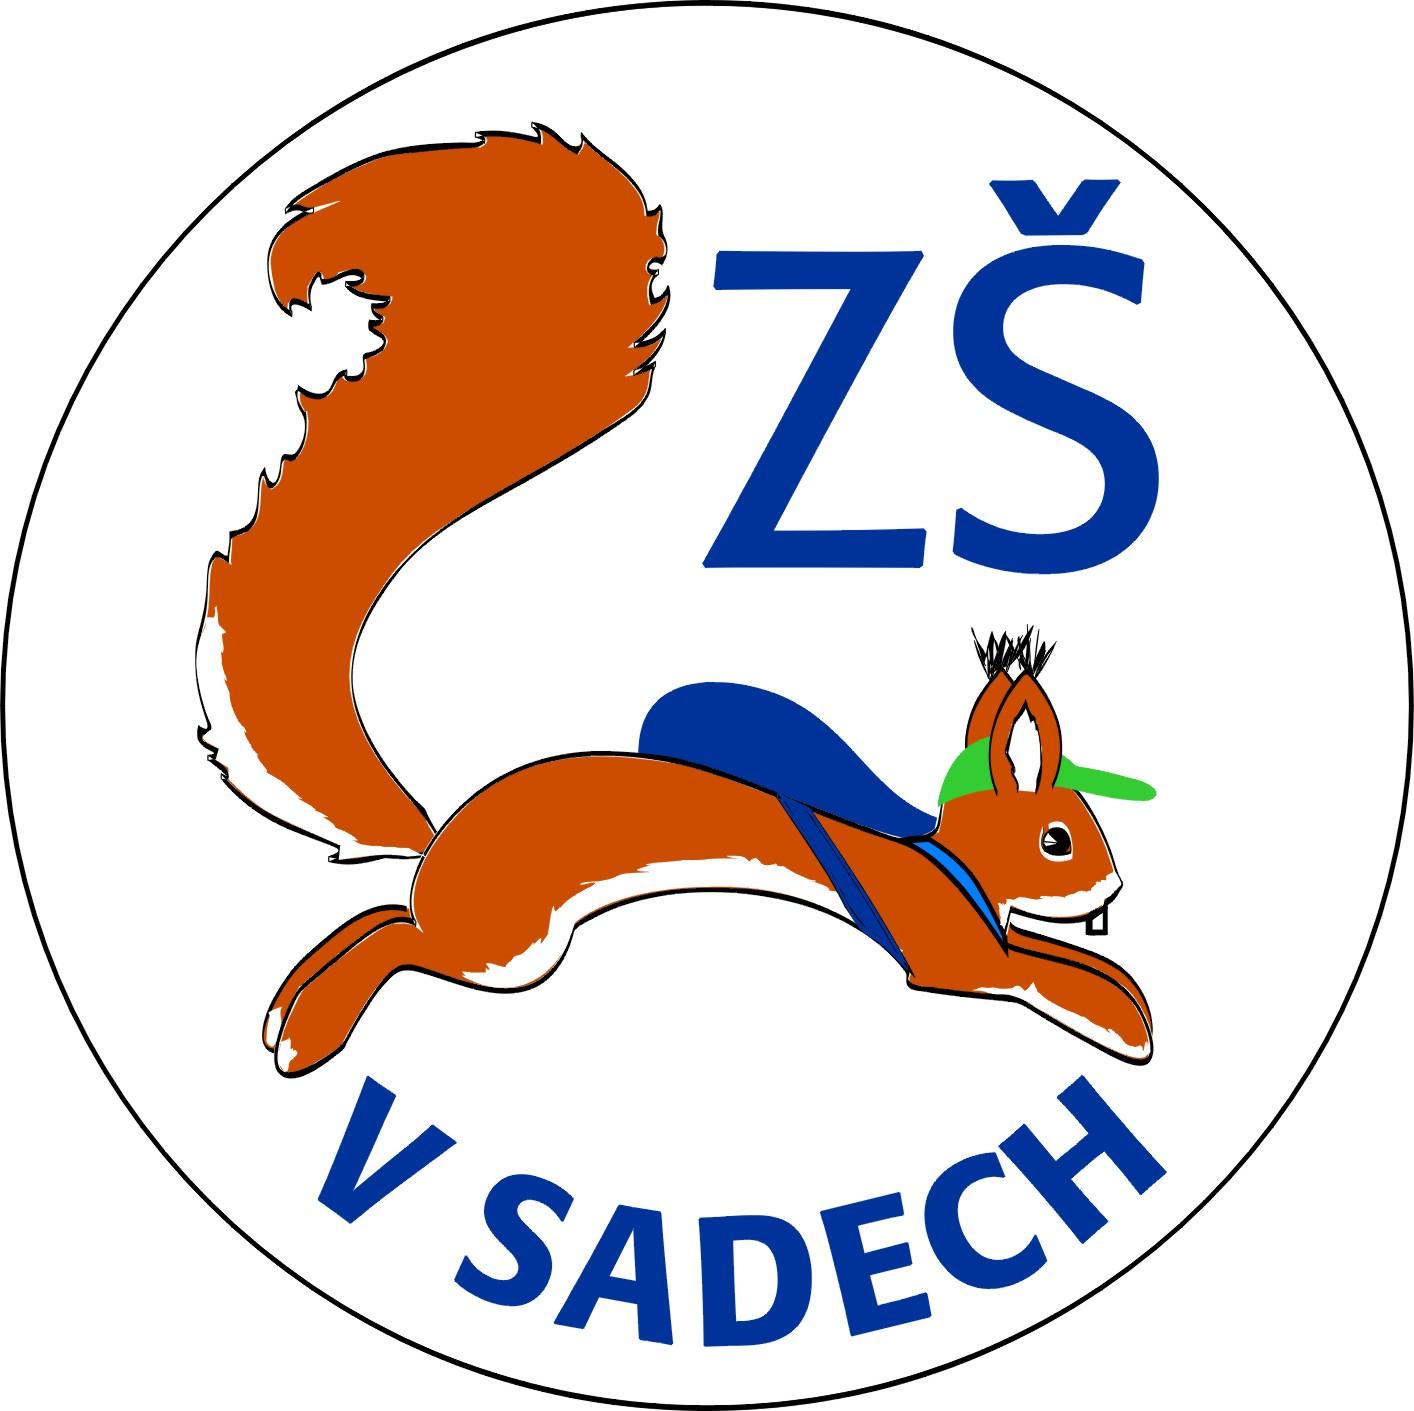 ZŠ V Sadech - zápis do 1. tříd